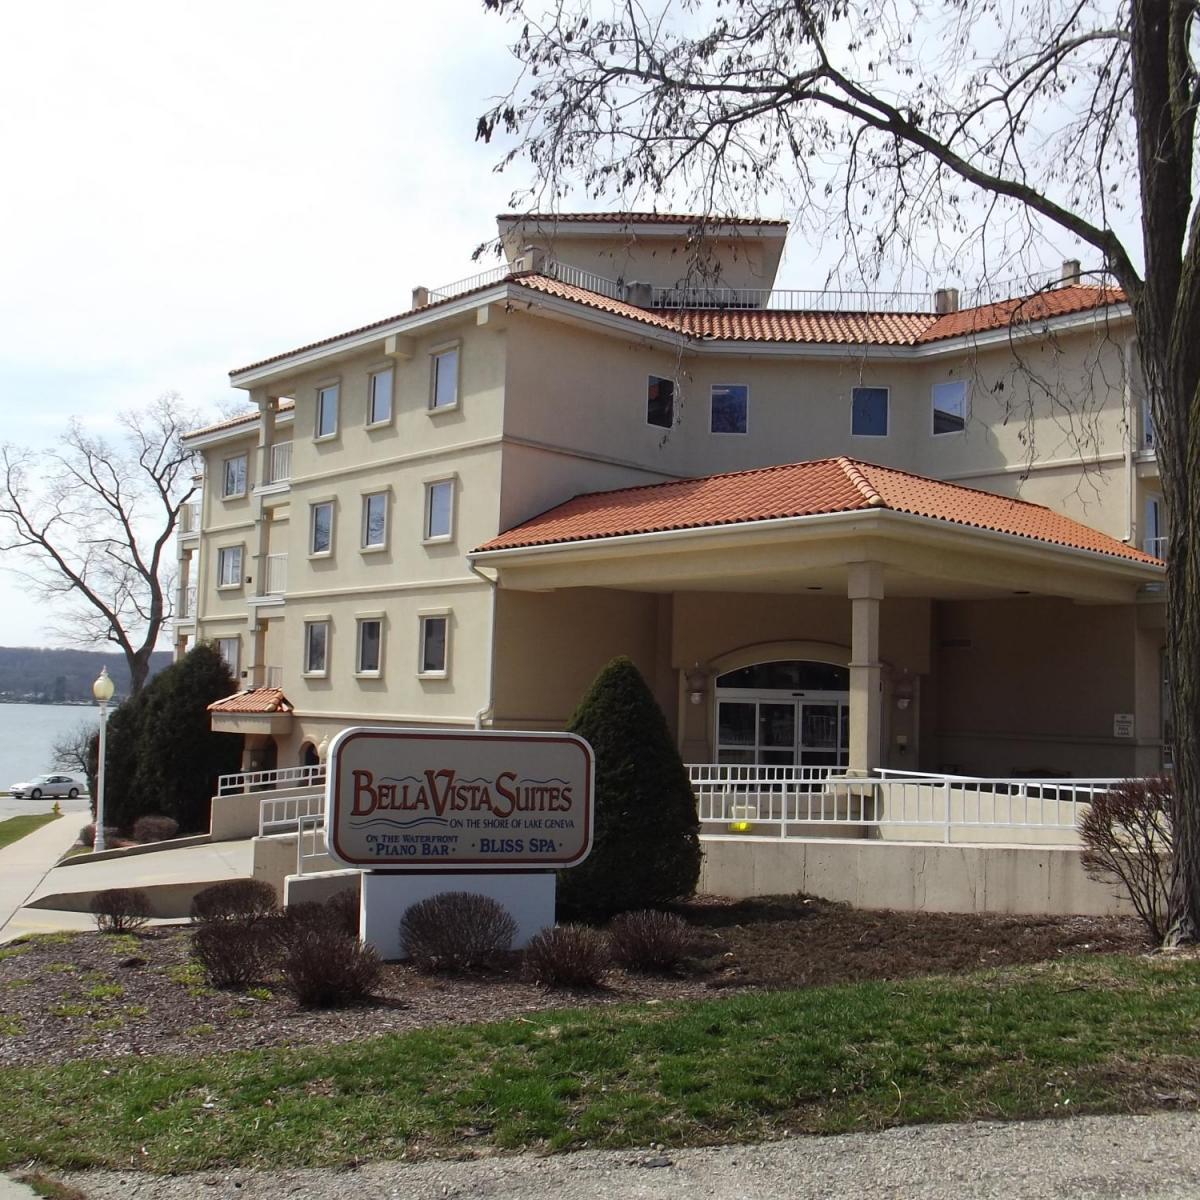 Bella Vista Suites | Best of Lake Geneva